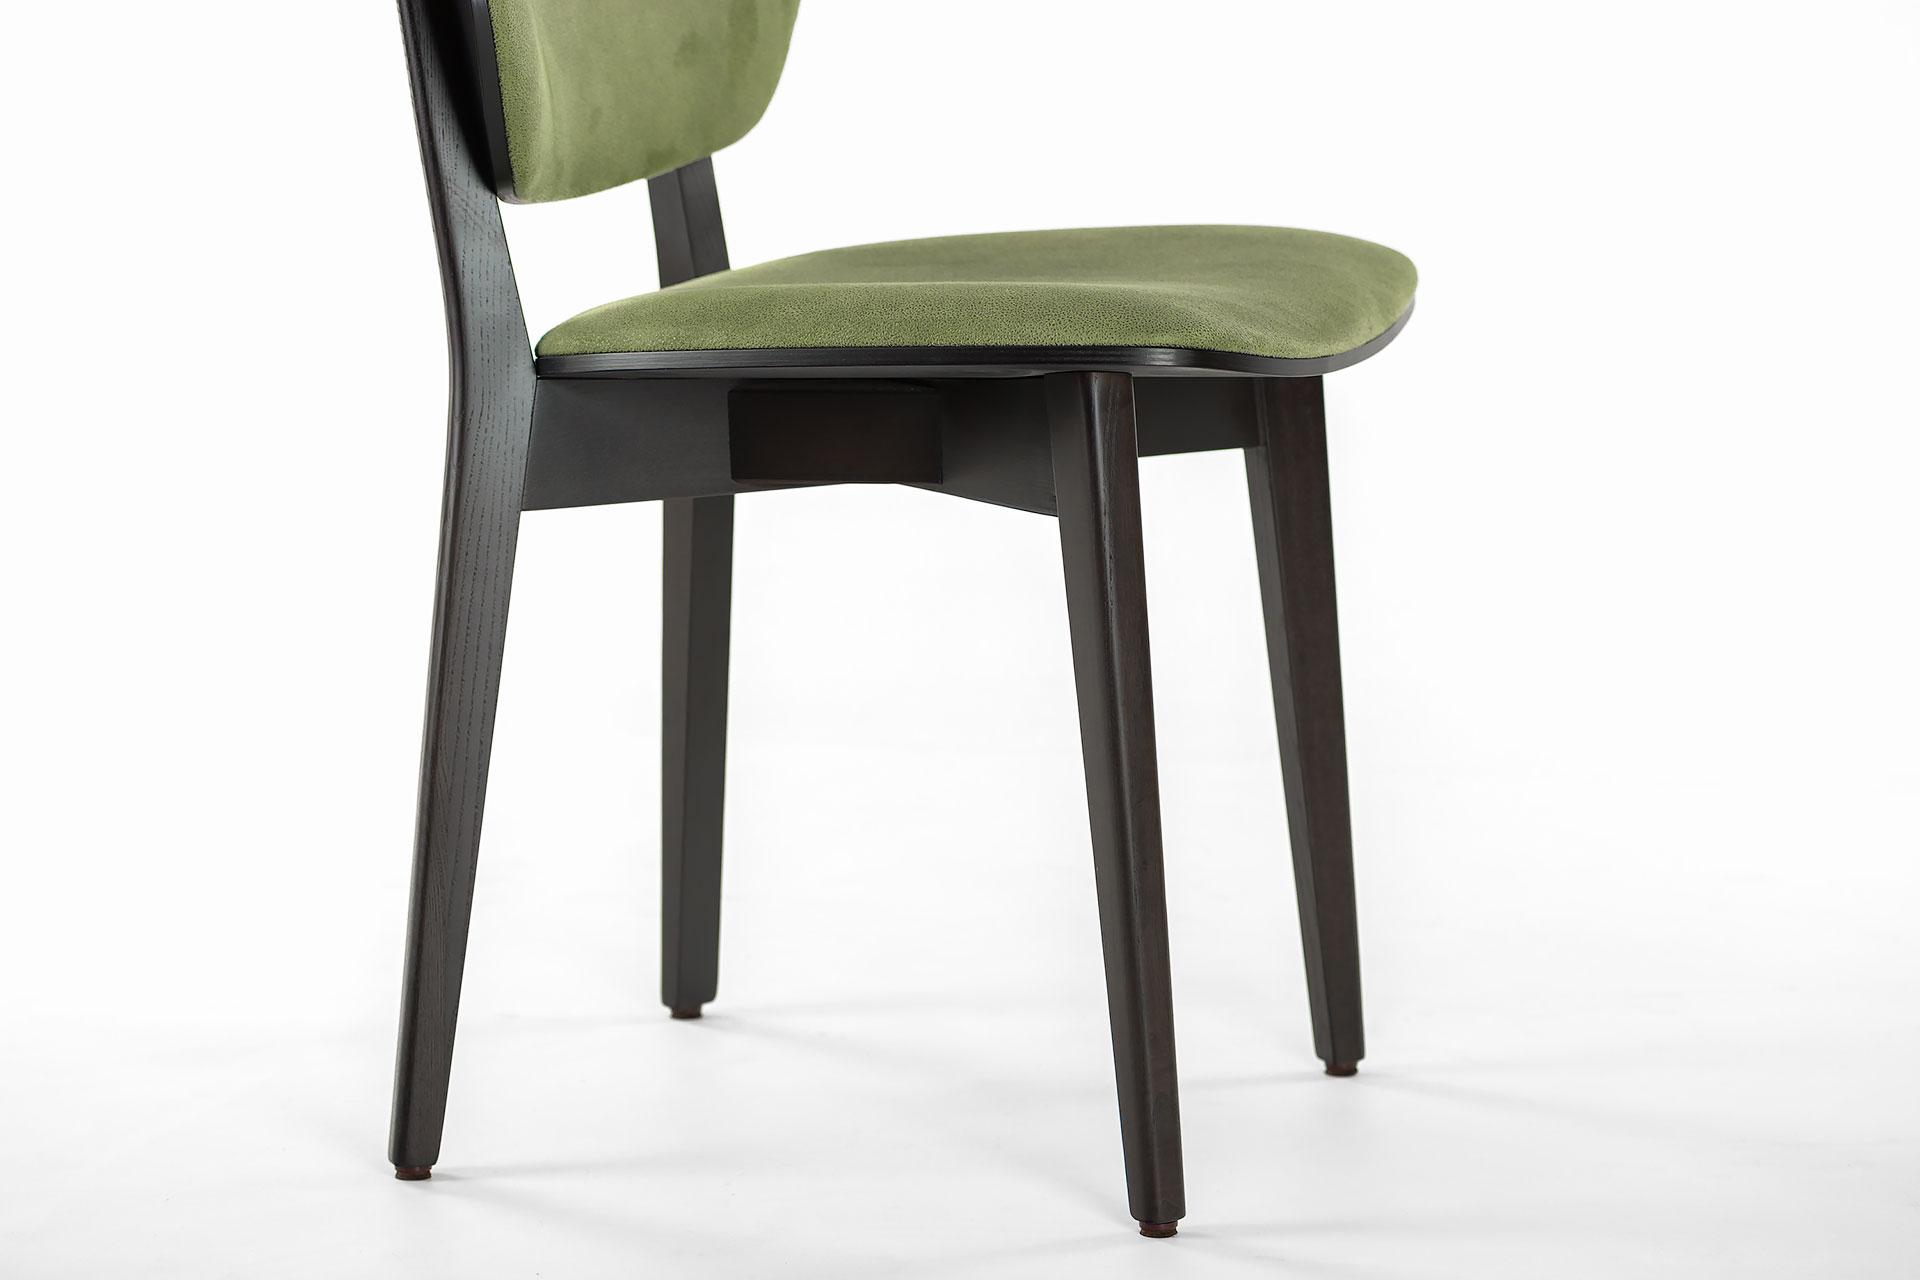 Кухонний стілець 03В чорно-зелений, м'які сидіння та спинка з штучної замші Exim Mustang Light Green, тверде дерево, колір виробу SE7059 (з боку)